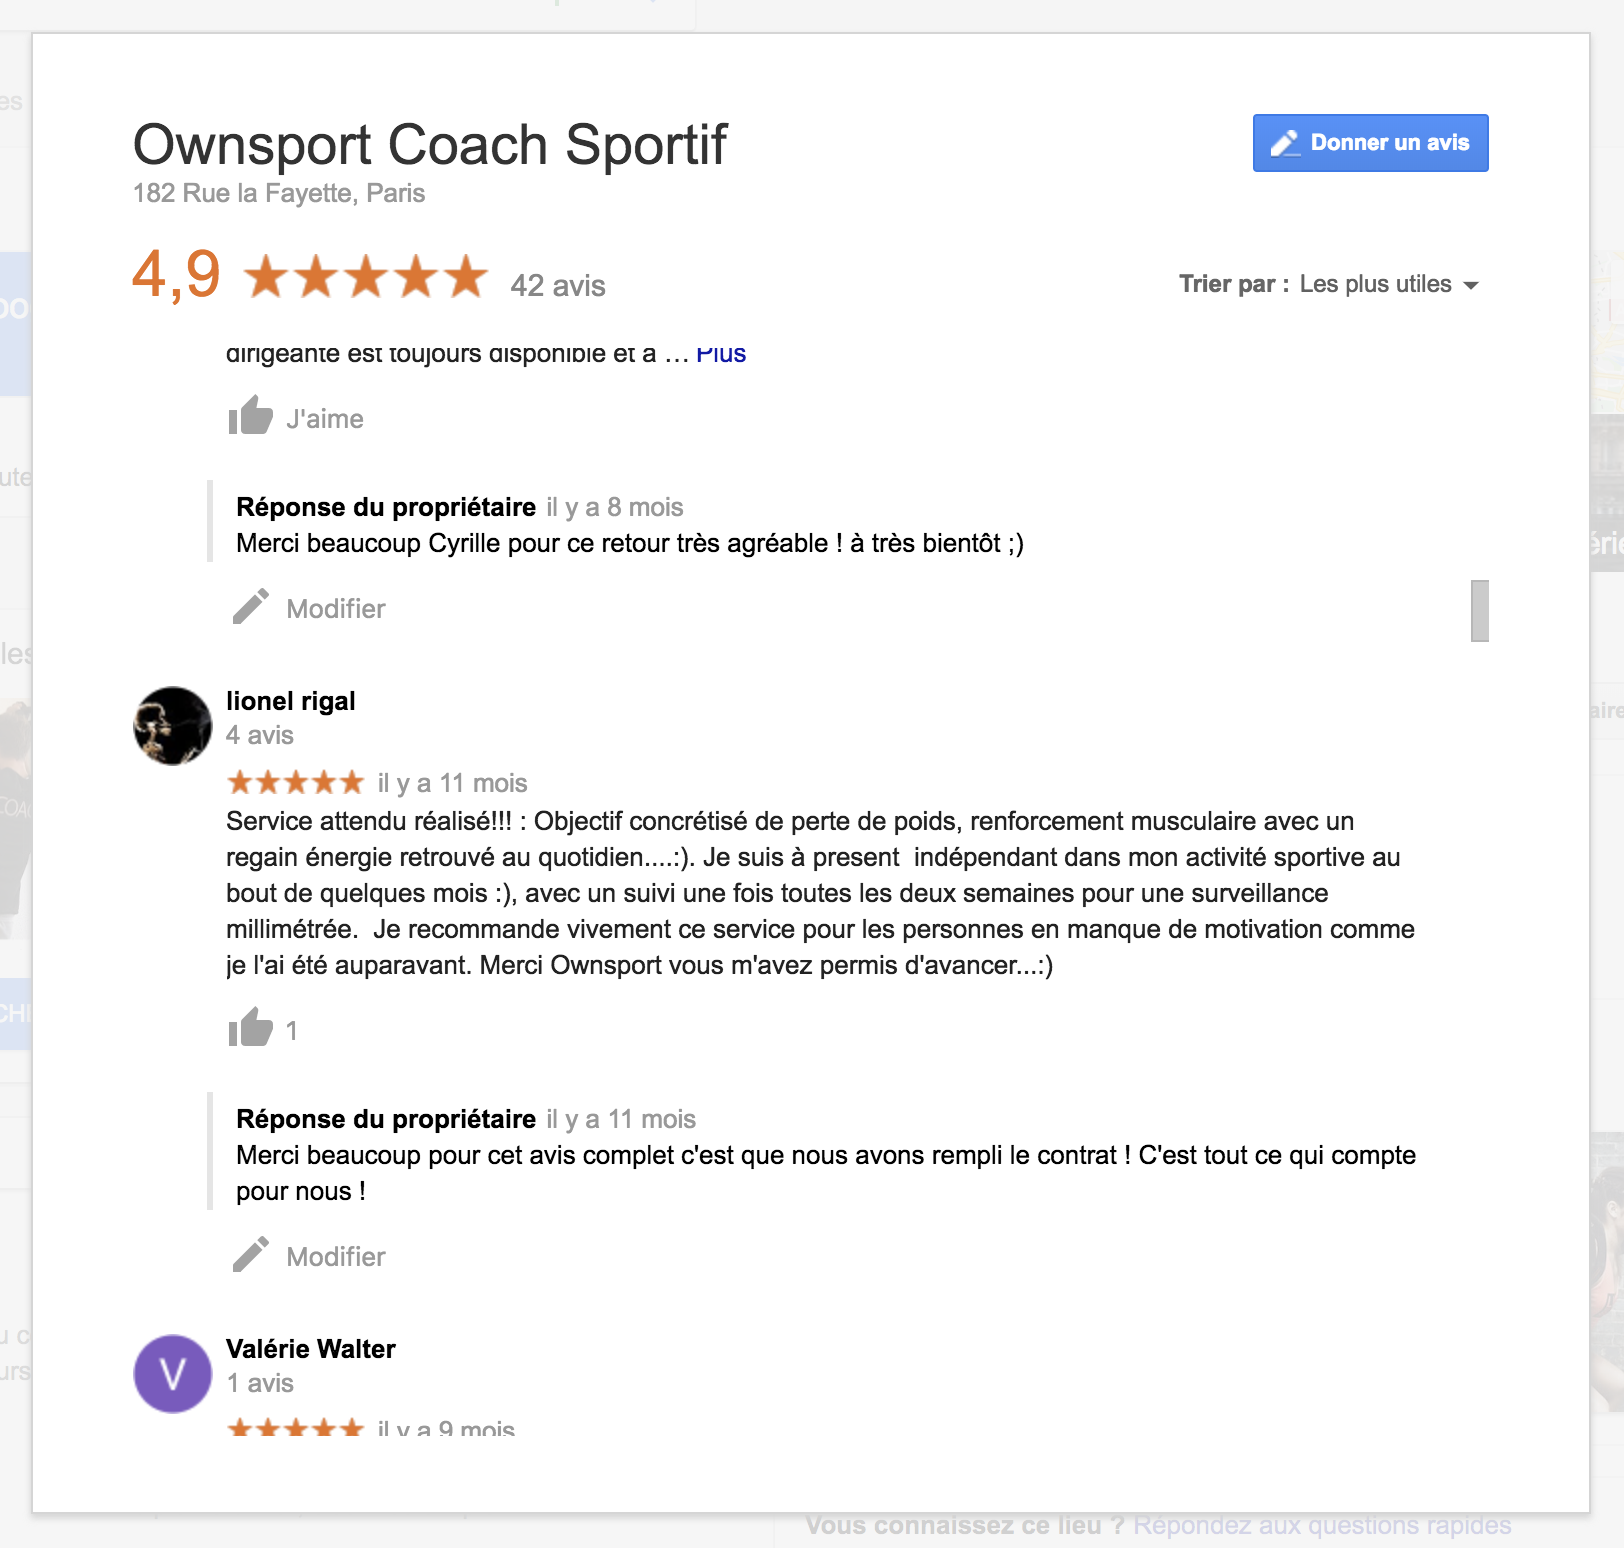 clients satisfait de leur coaching sportif